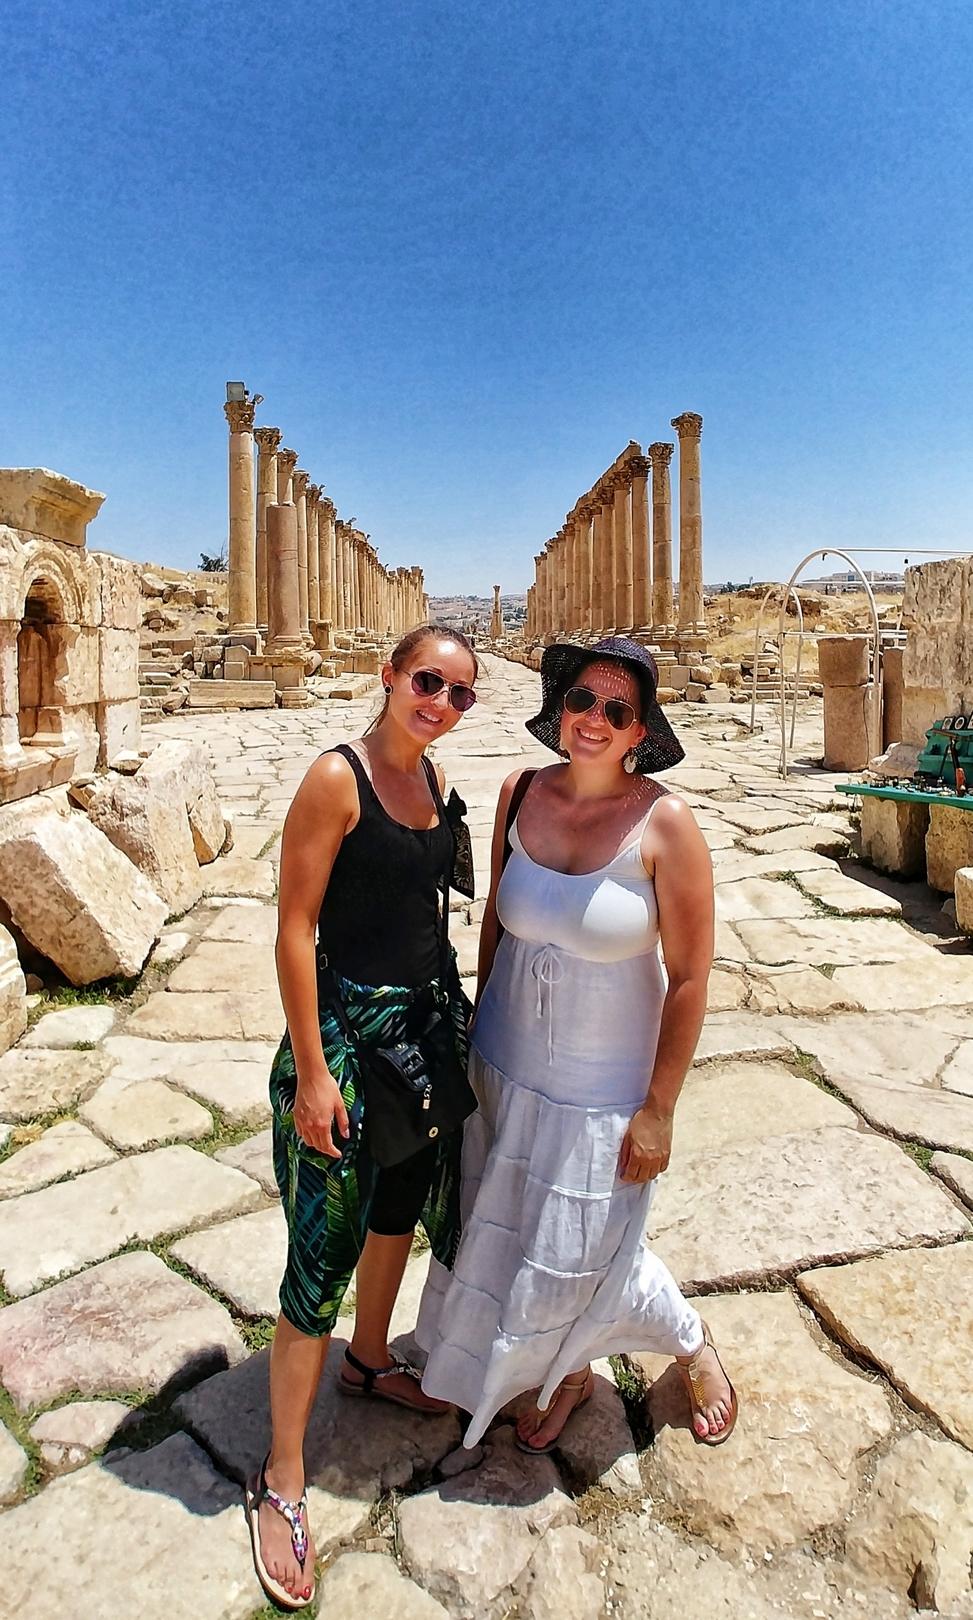 Jordanie - Rue des colonnades sur le site romain de Jerash